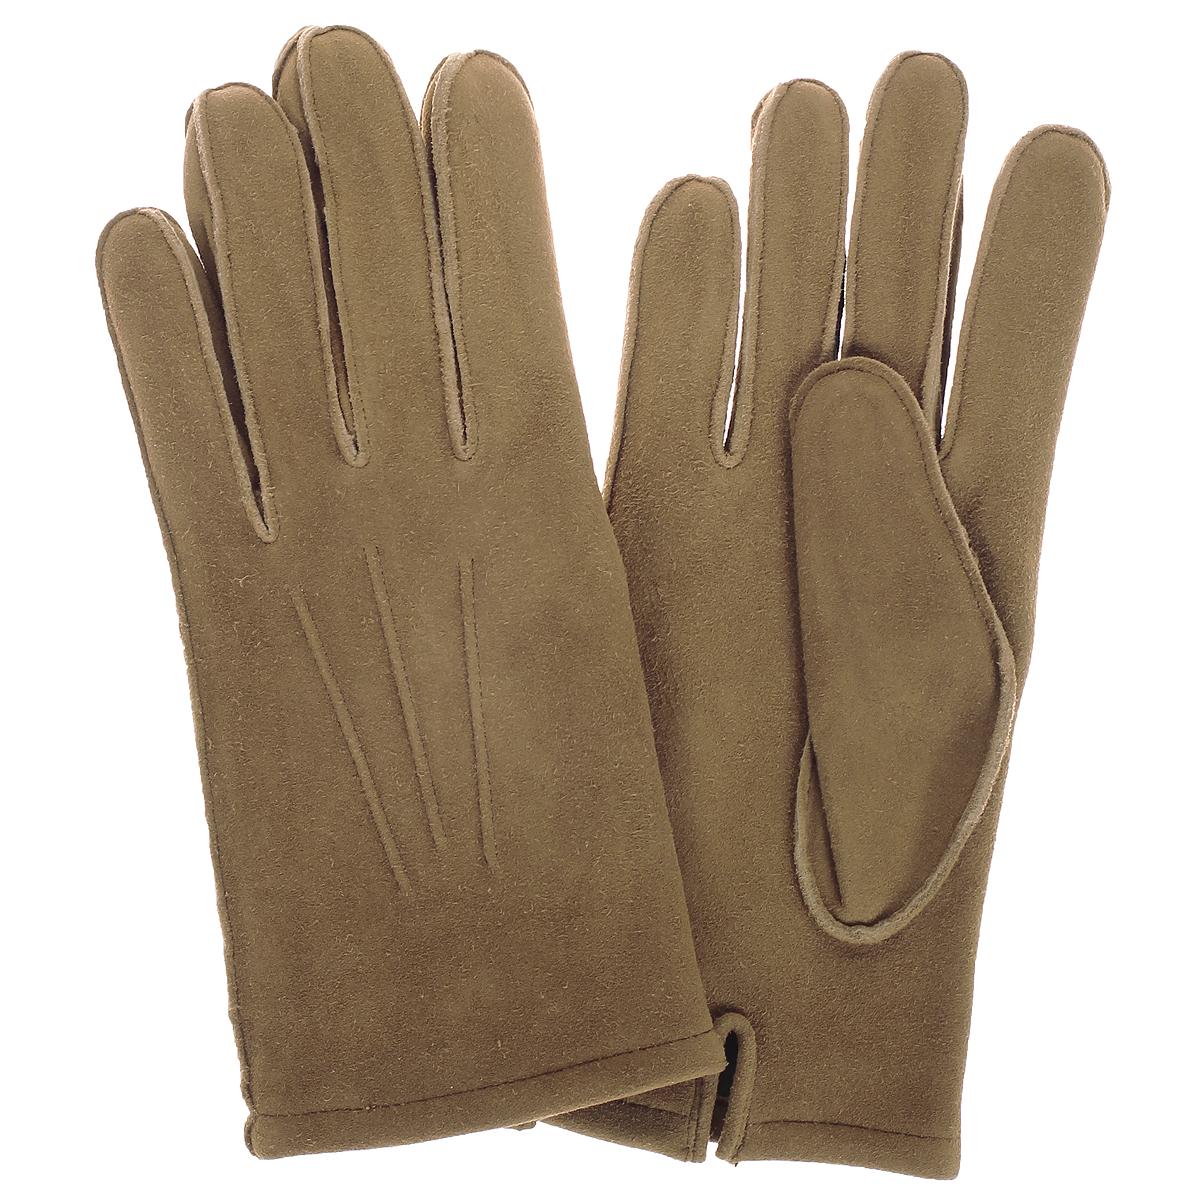 Перчатки мужские. 585585/23Стильные мужские перчатки Baggini не только защитят ваши руки от холода, но и станут великолепным украшением. Перчатки выполнены из чрезвычайно мягкой и приятной на ощупь натуральной кожи ягненка, а их подкладка - из мягкого флиса. Лицевая сторона оформлена декоративными стежками. Перчатки станут завершающим и подчеркивающим элементом вашего стиля и неповторимости.